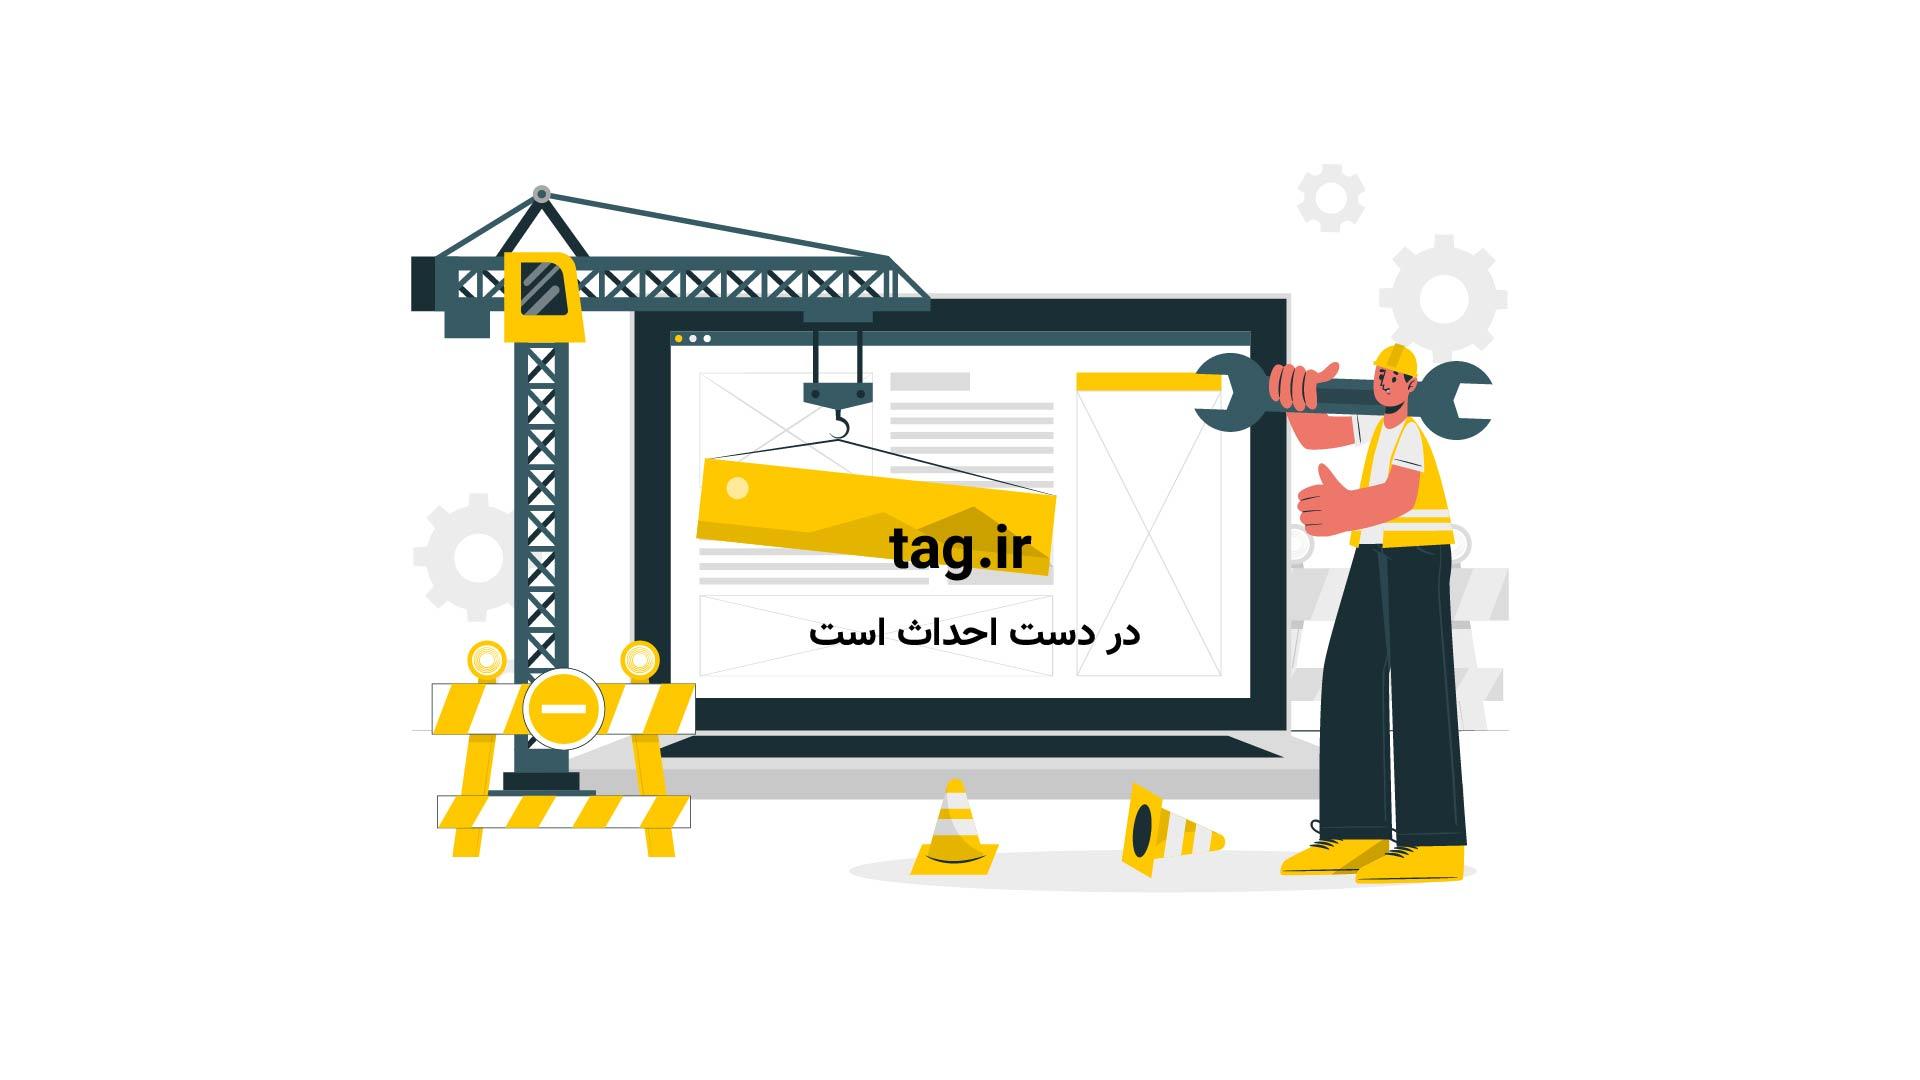 سخنرانی های تد | تگ